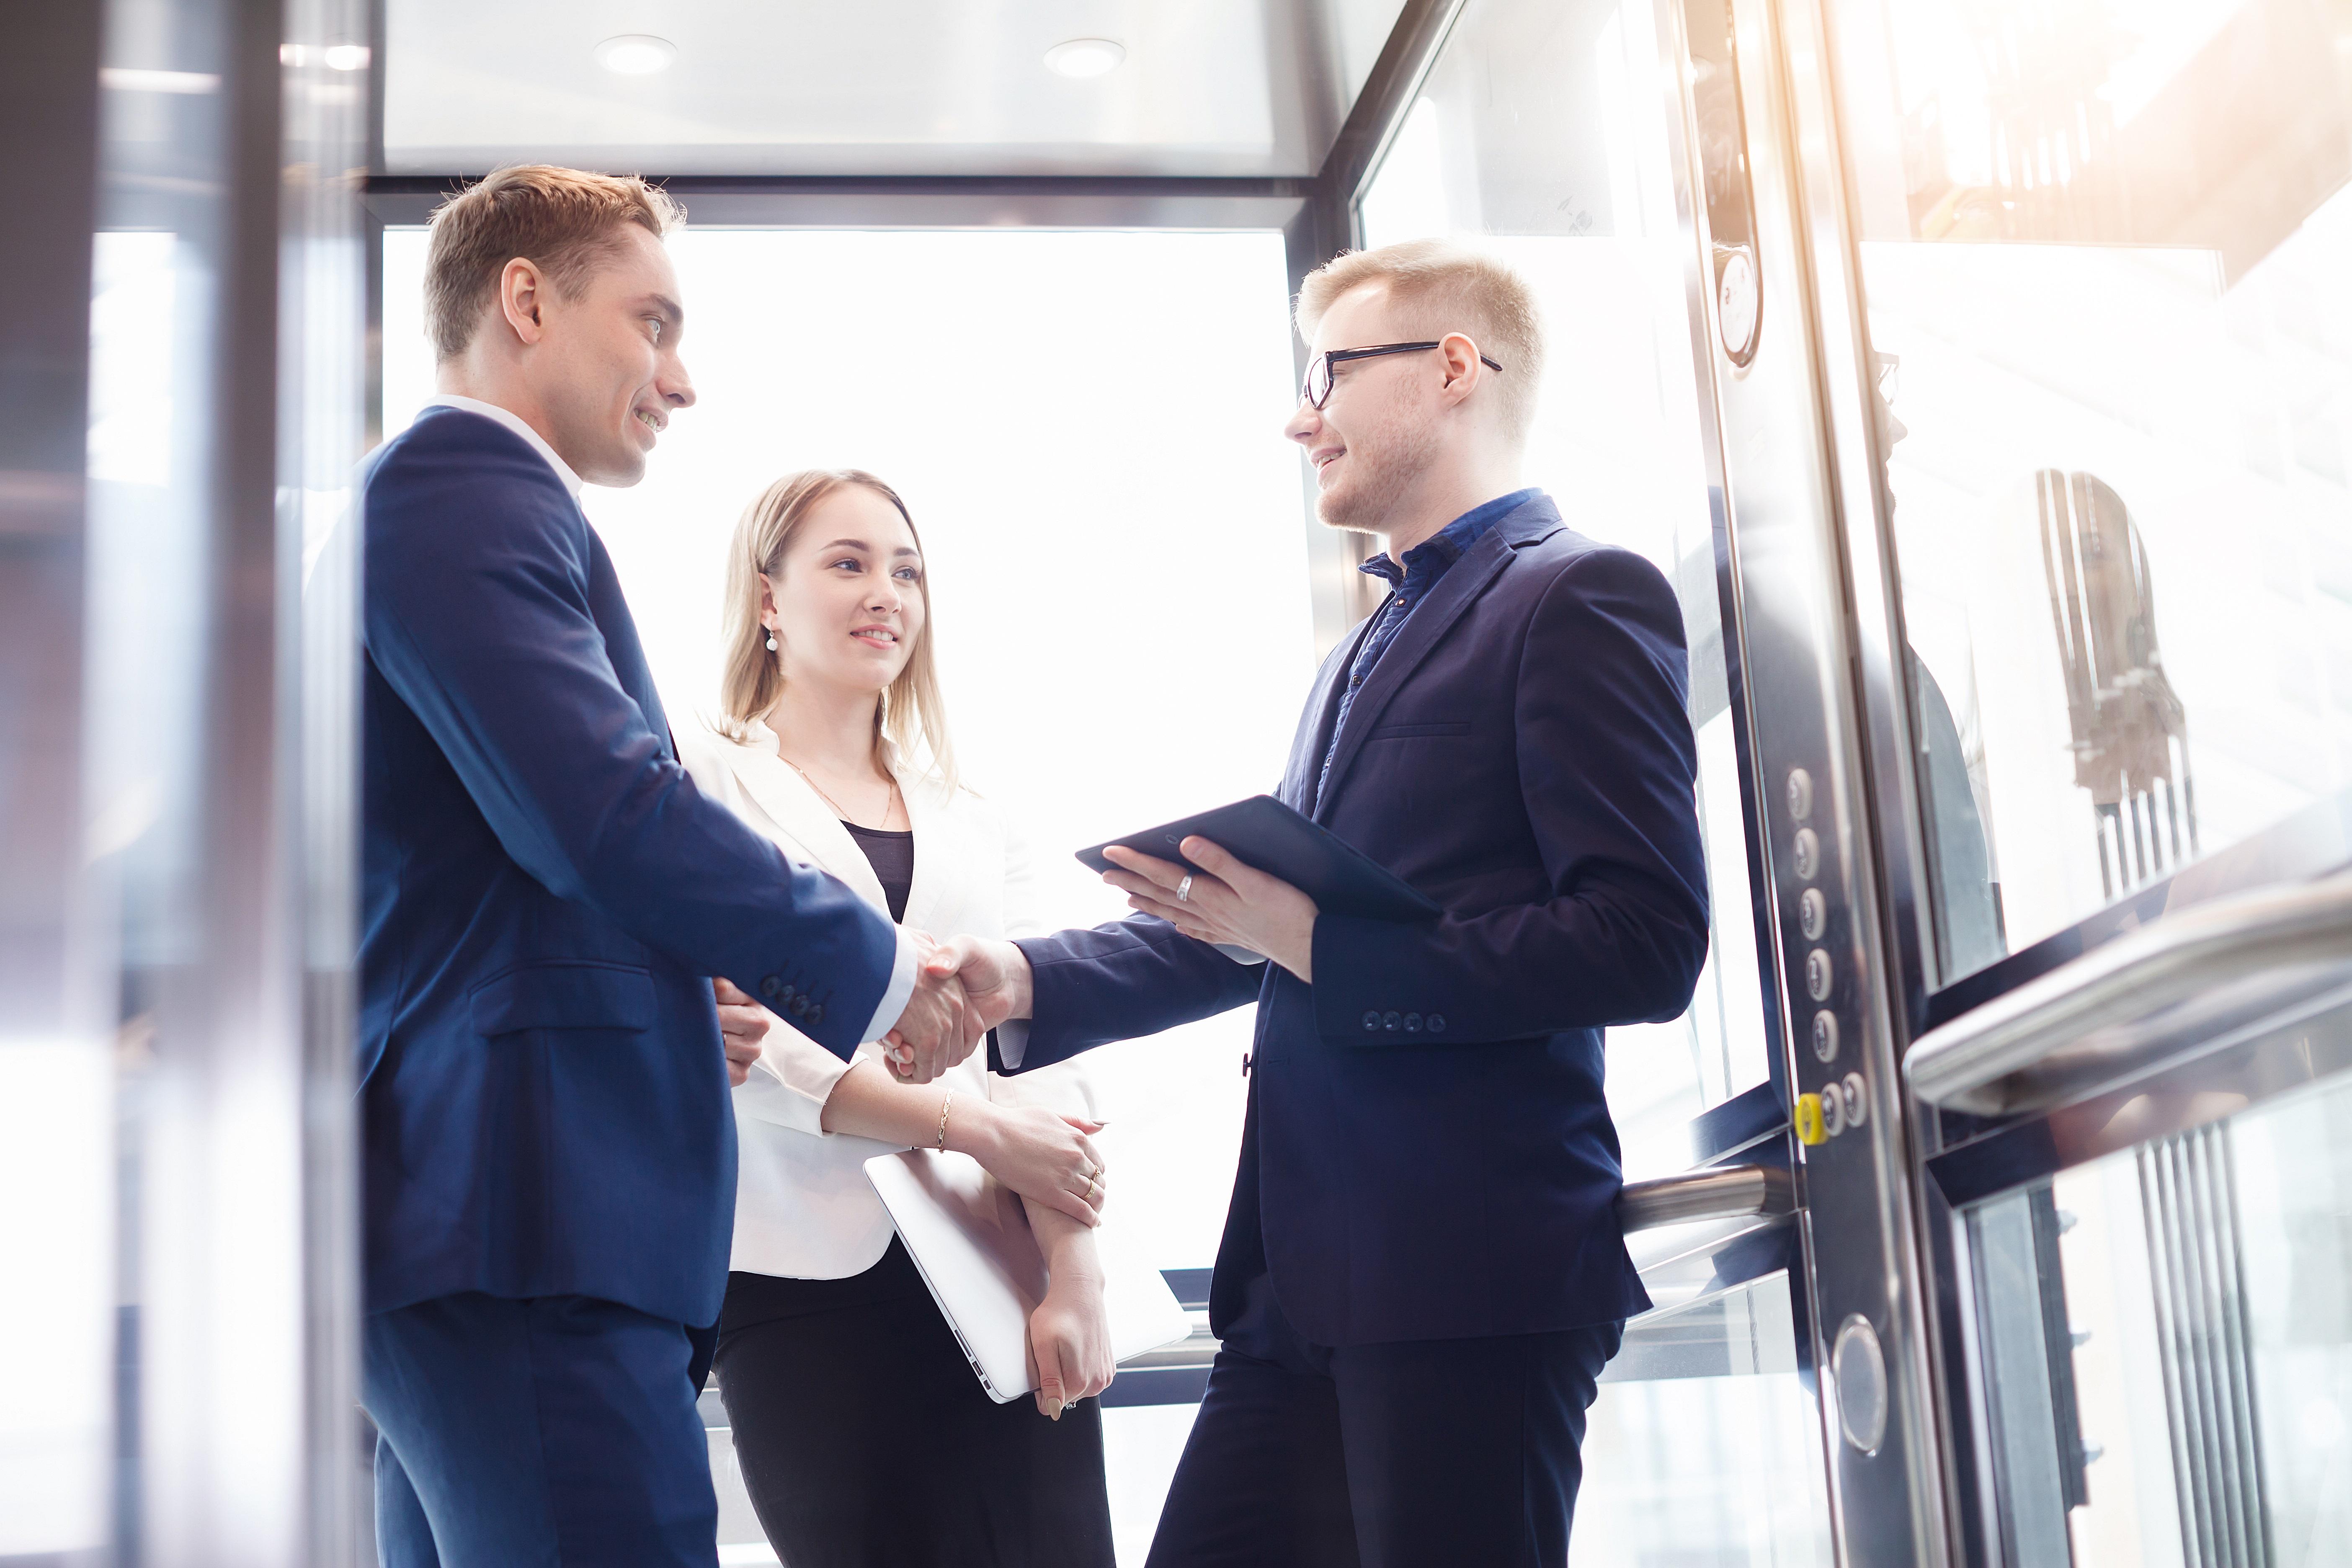 Elevator Pitch: presenta tu CV en un minuto